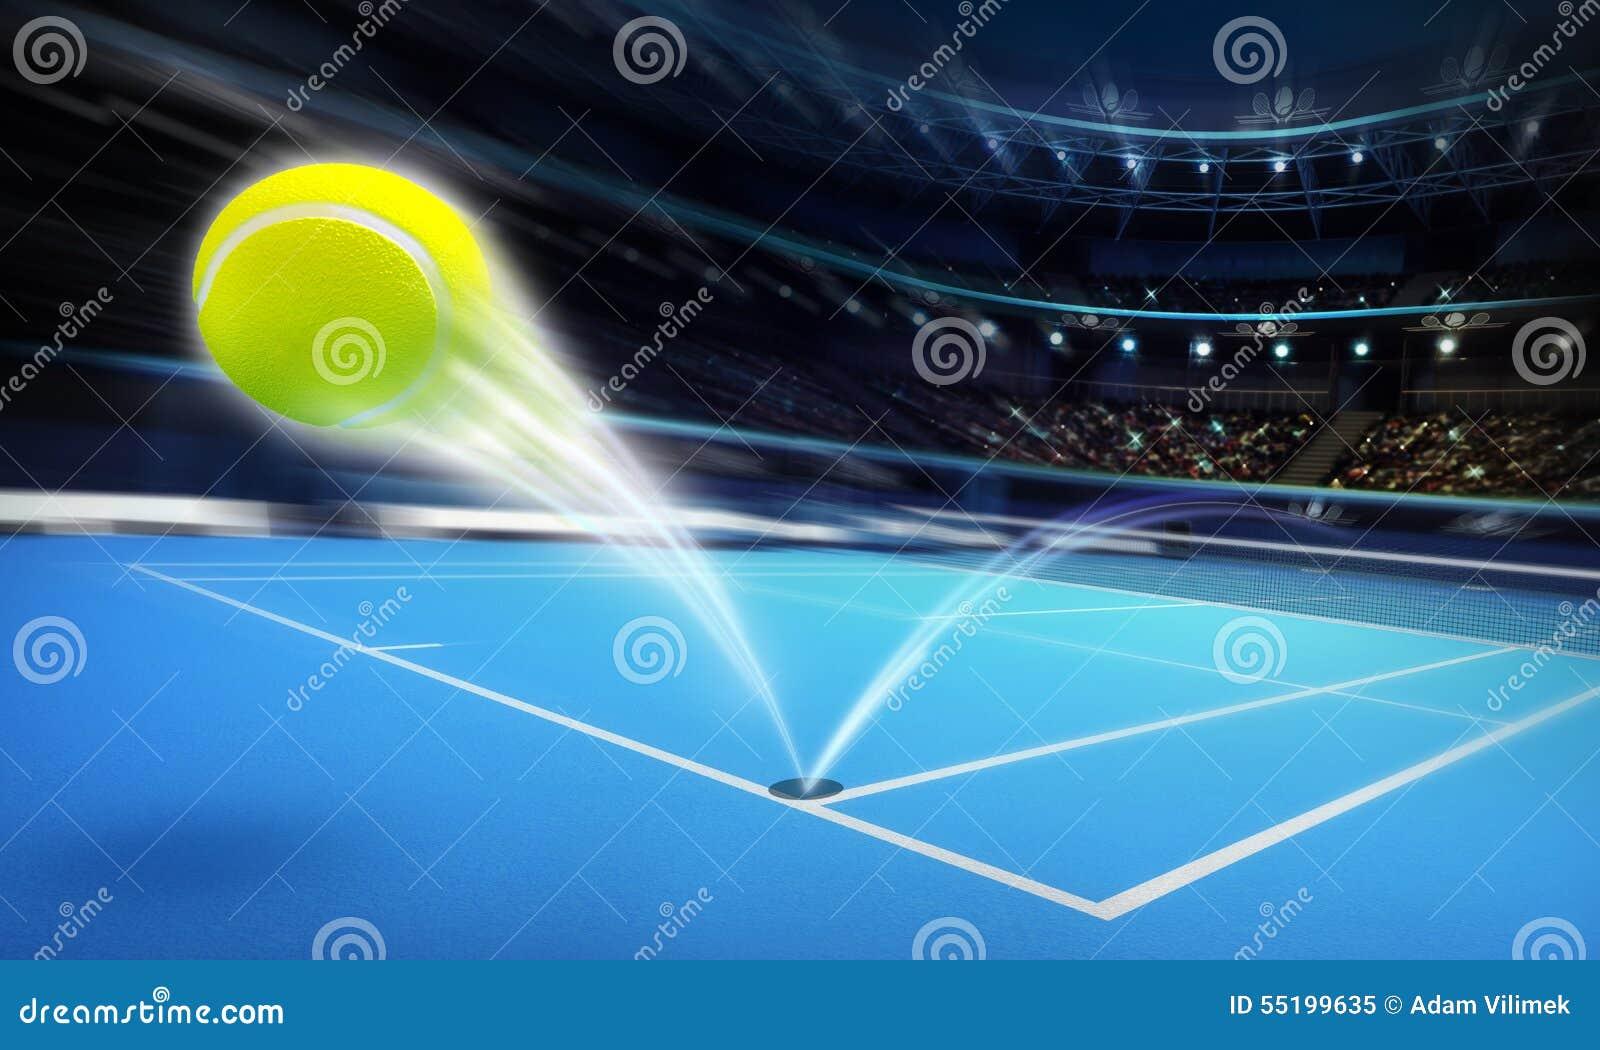 Tenis pelota stock de ilustracion ilustracion libre de stock de - Pelota De Tenis Del Vuelo En Una Corte Azul En La Falta De Definici N De Movimiento